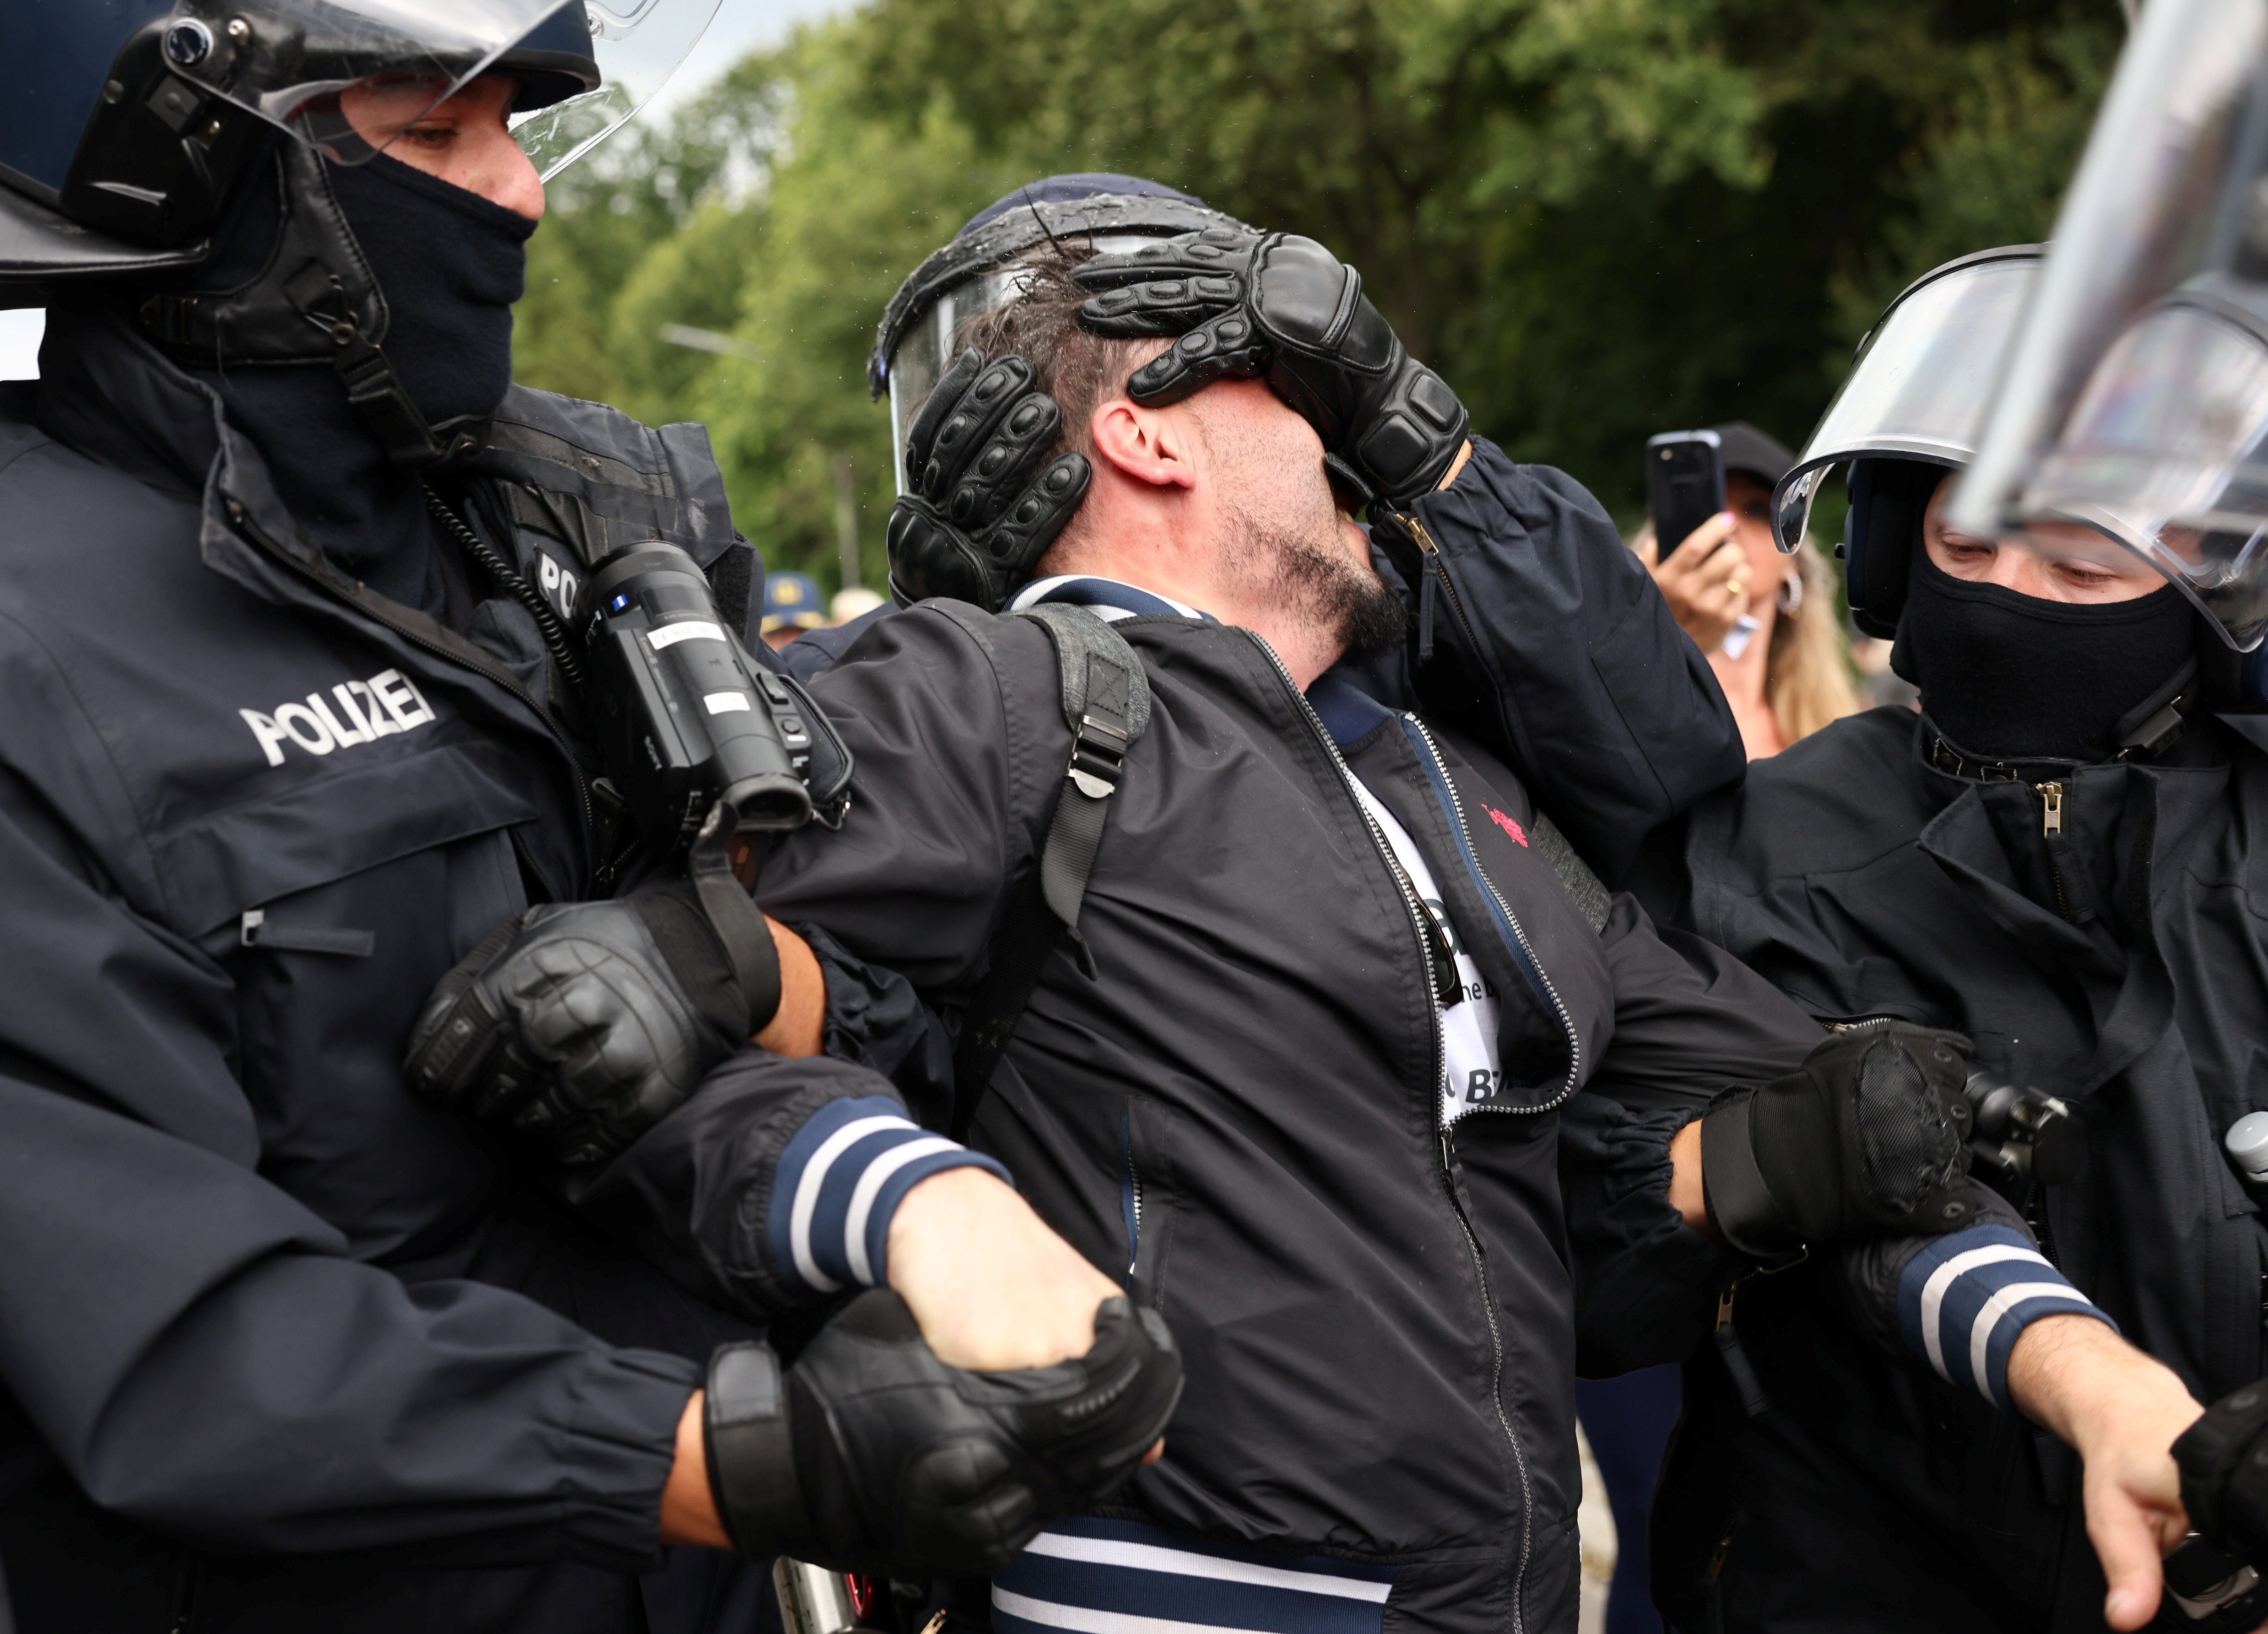 Em Berlim, manifestantes contrários a restrições para prevenir a Covid e a polícia entram em confronto